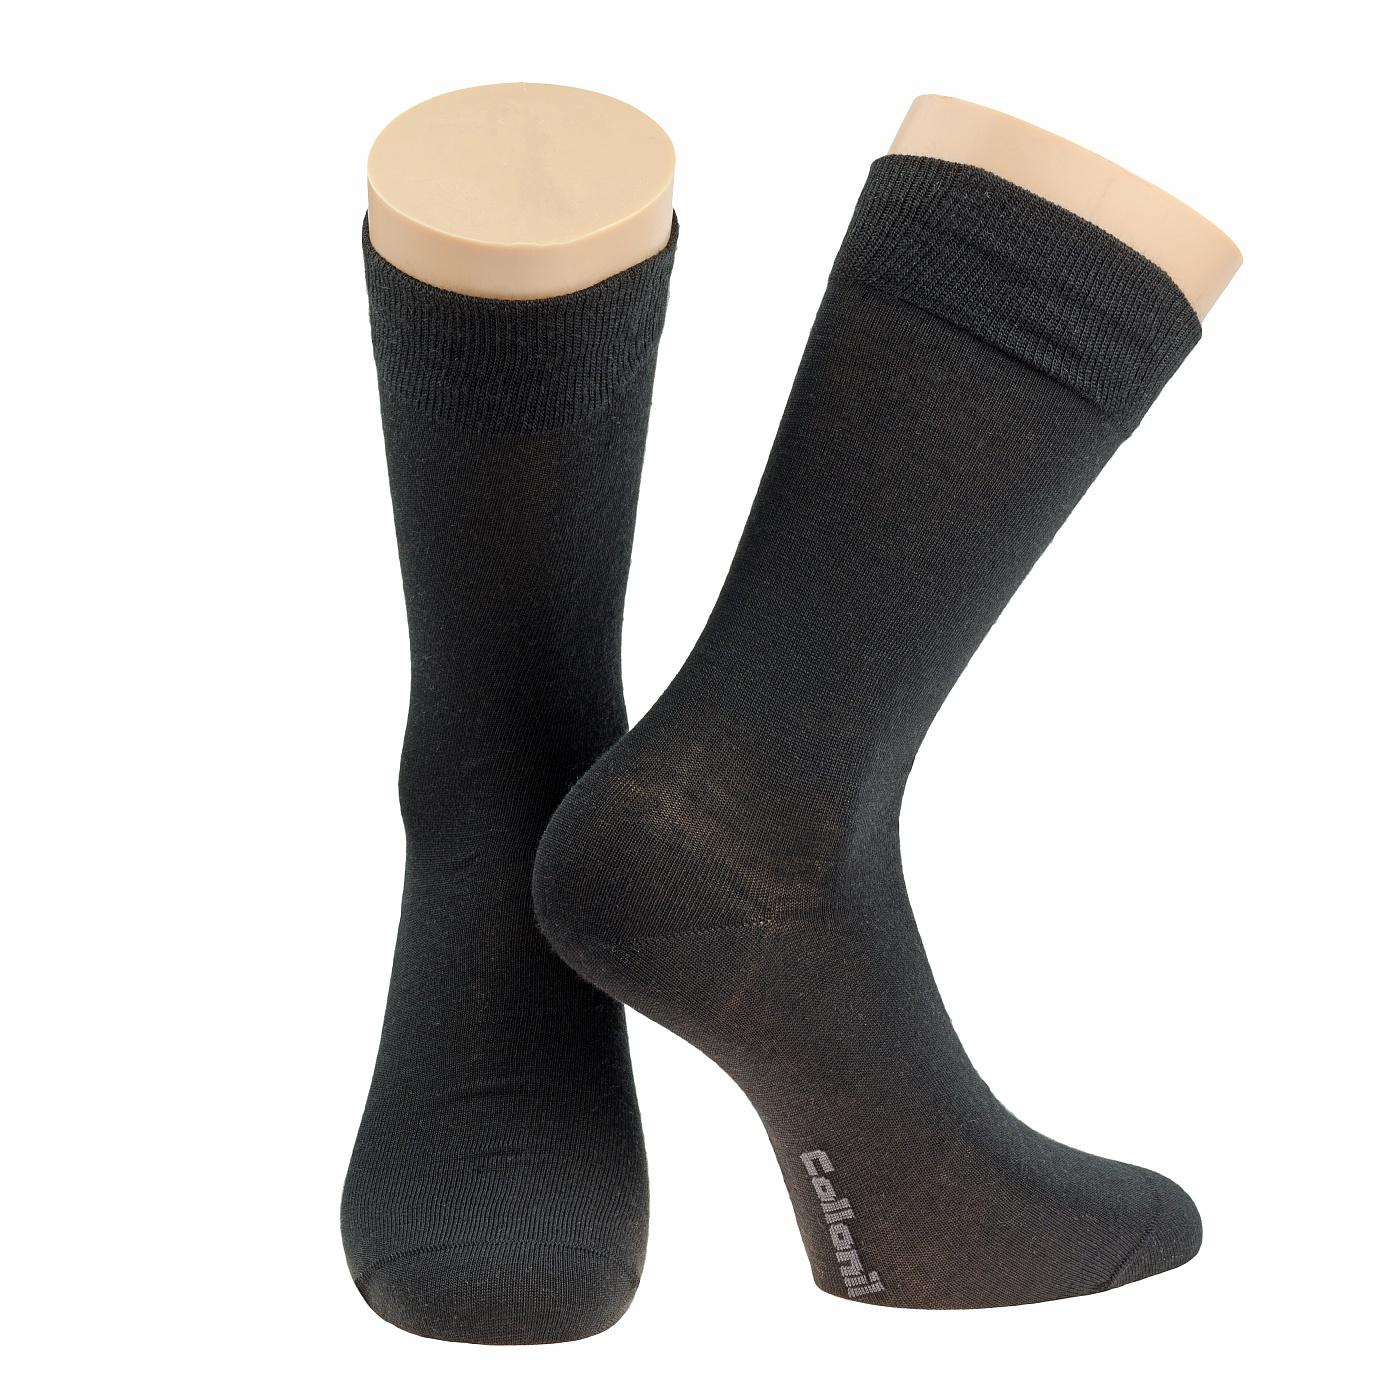 Носки мужские Collonil, цвет: черный. 2-03/01. Размер 39-412-03/01Мужские носки Collonil изготовлены из шерсти и термолайта (уникальное волокно, обеспечивающее максимум комфорта в холодное время).Носки с удлиненным паголенком. Широкая резинка не сдавливает и комфортно облегает ногу.